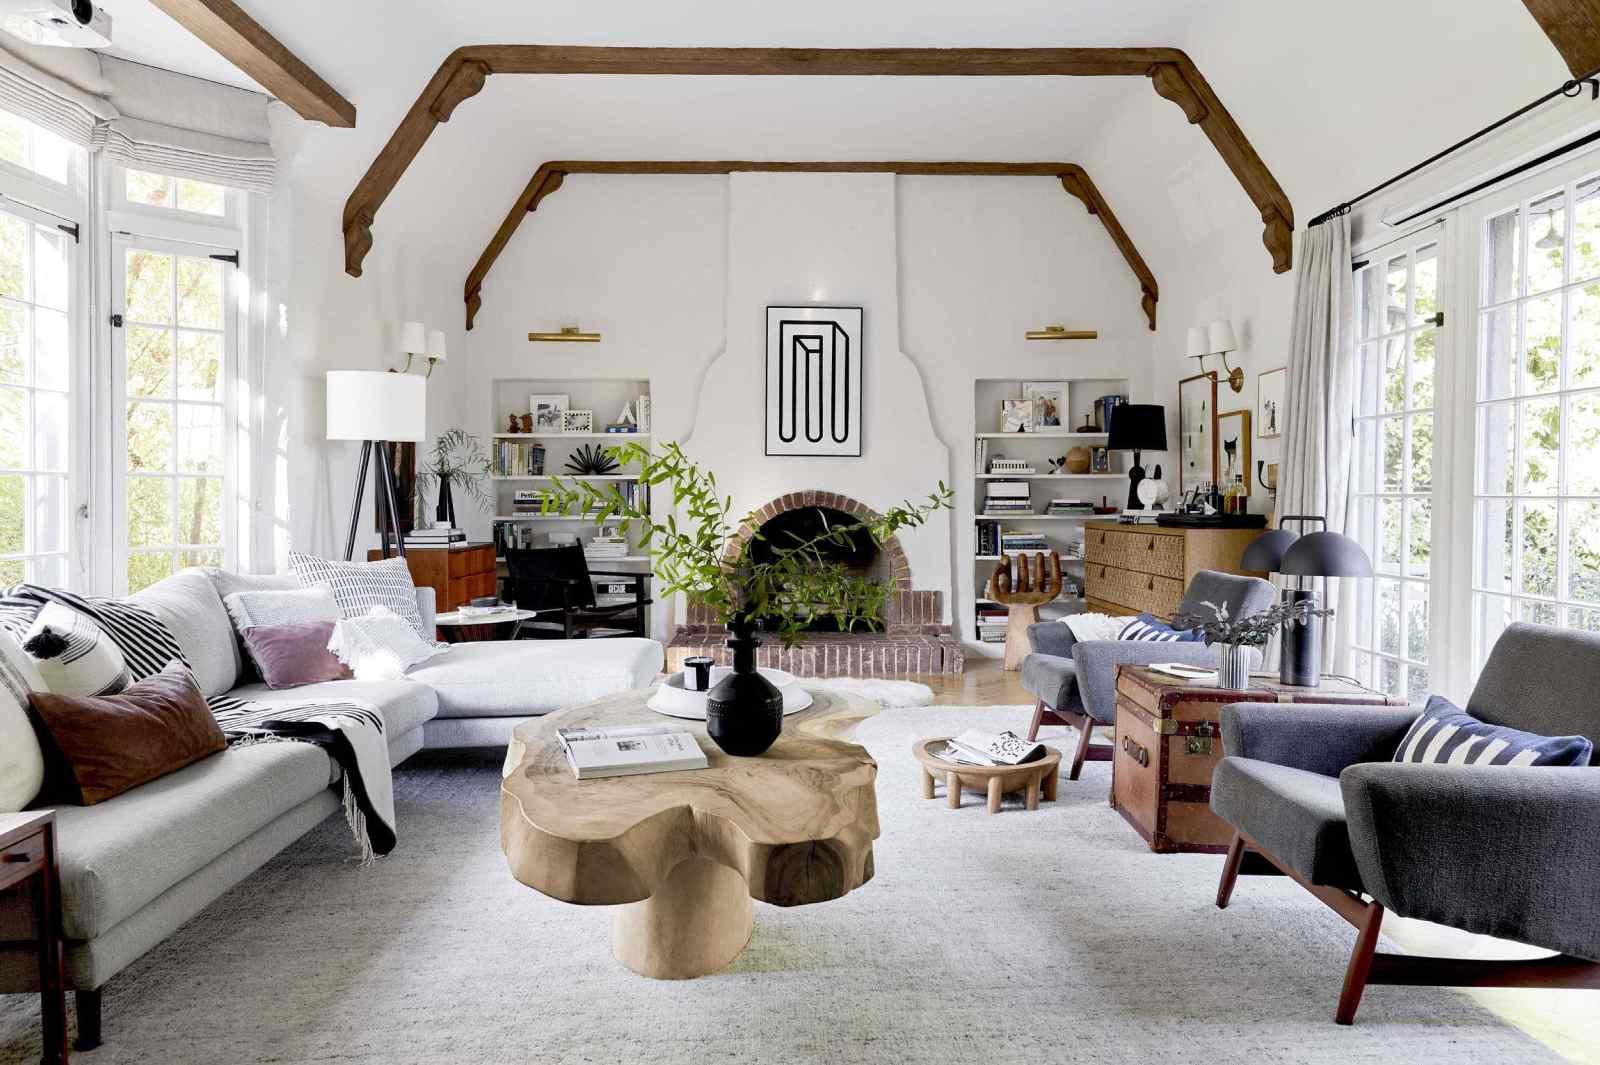 Mẫu thiết kế nội thất nhà biệt thự hiện đại đơn giản kết hợp cây xanh